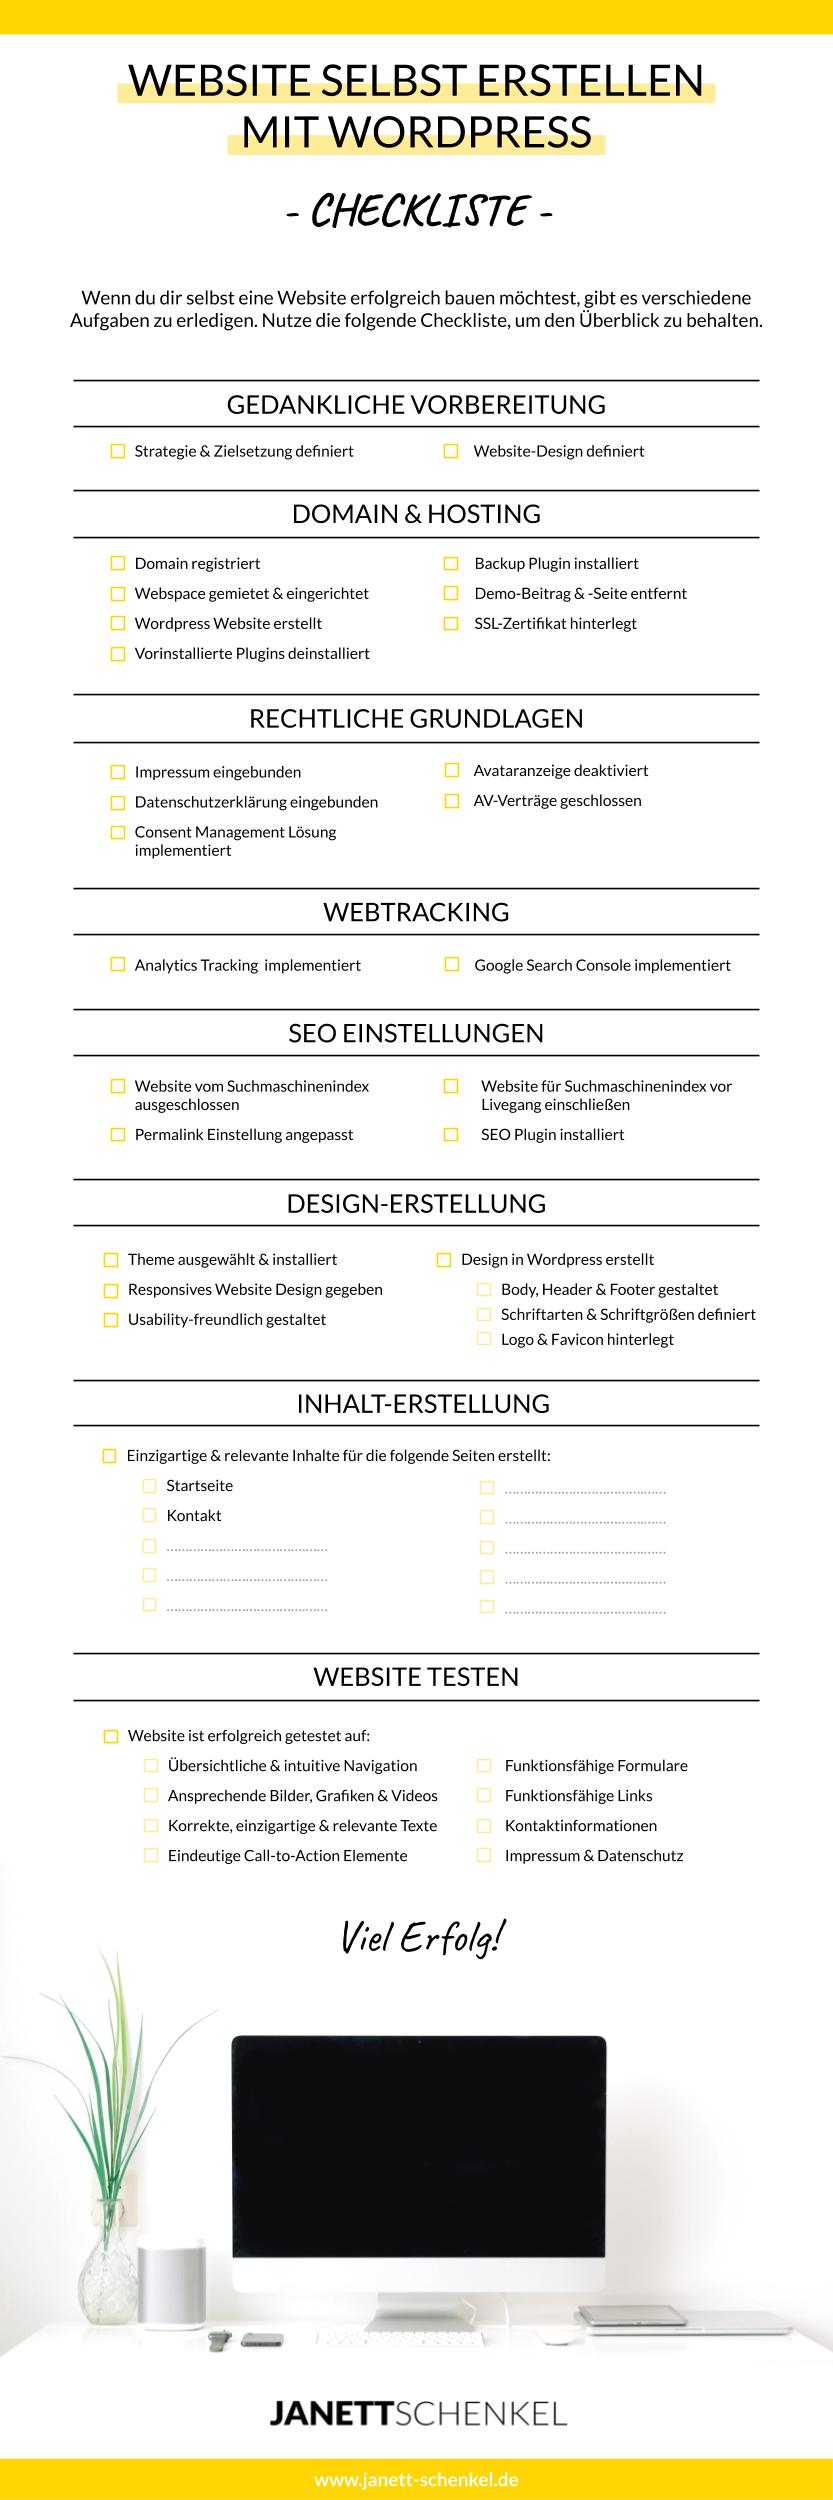 Infografik: Website erstellen mit WordPress Checkliste